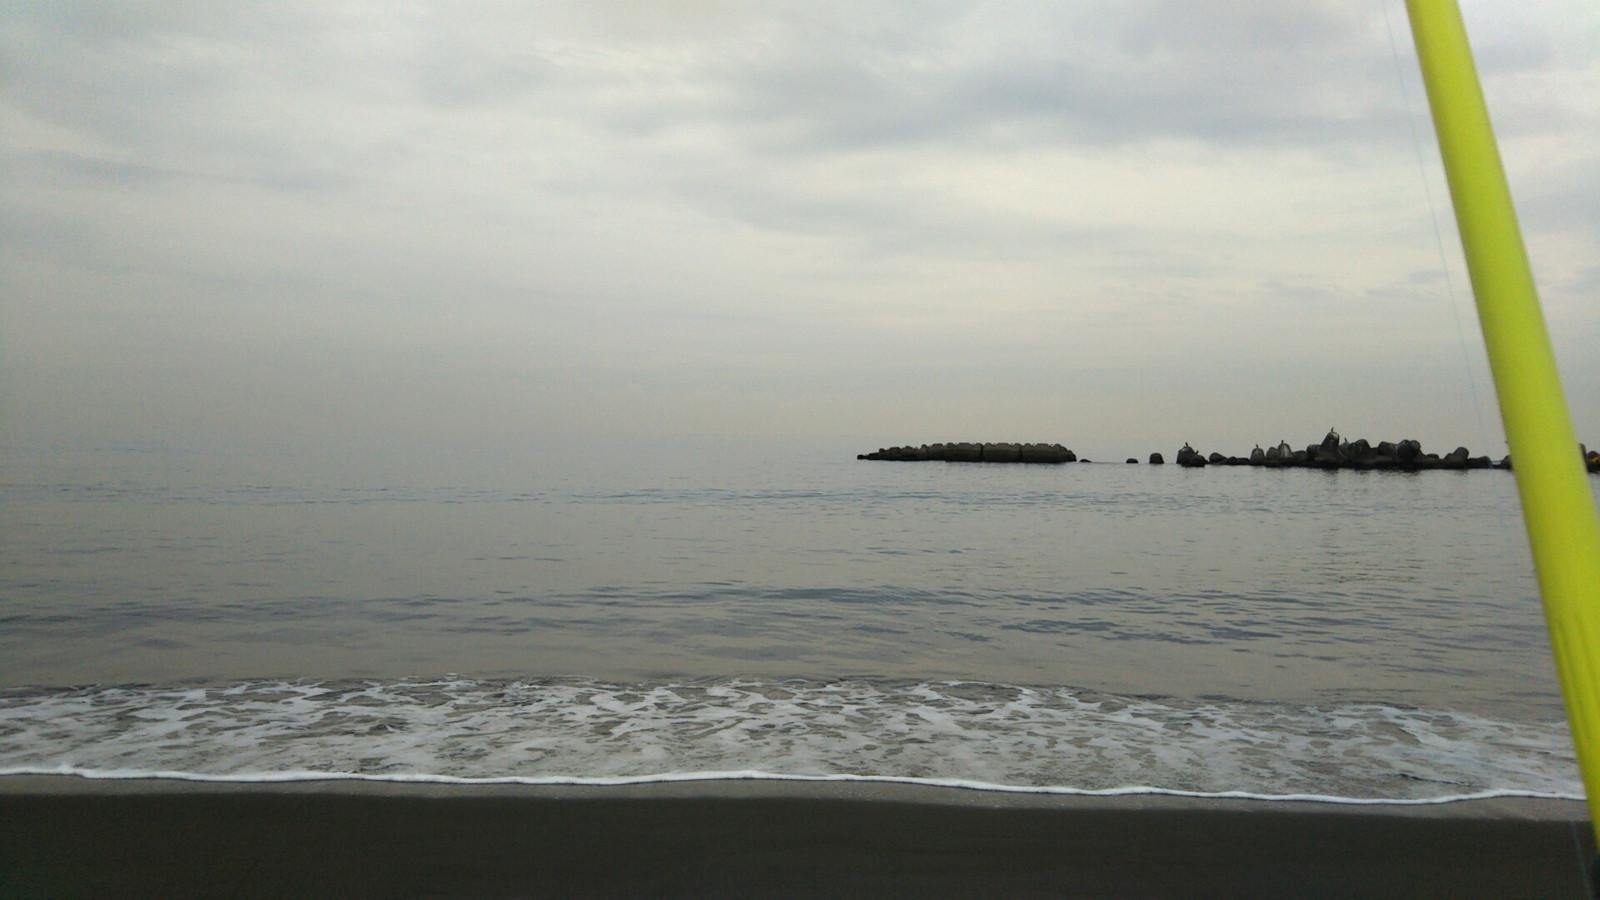 Umi_2